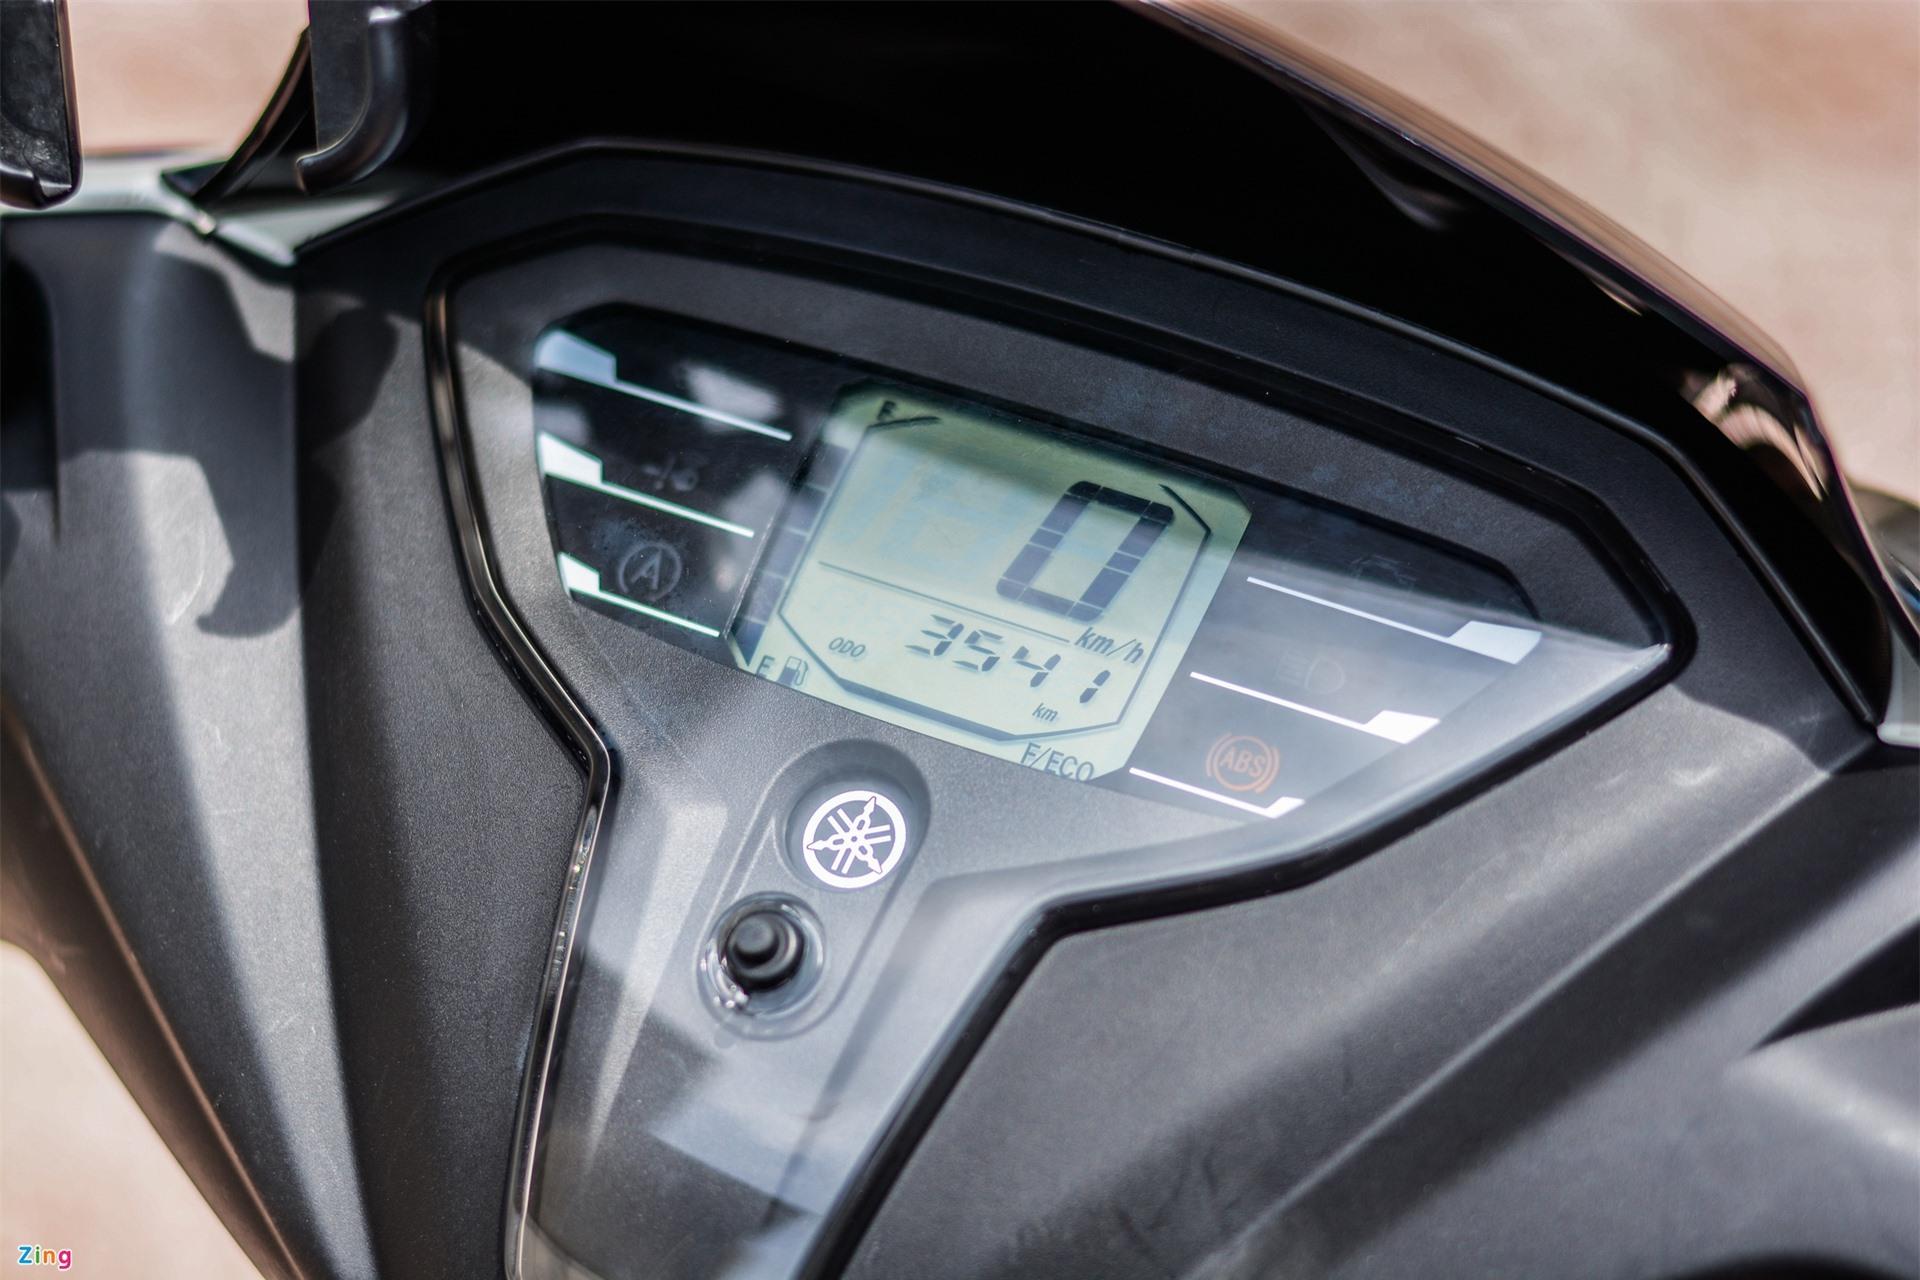 Đánh giá Yamaha FreeGo S: Giá rẻ có đáng mua? - Hình 4